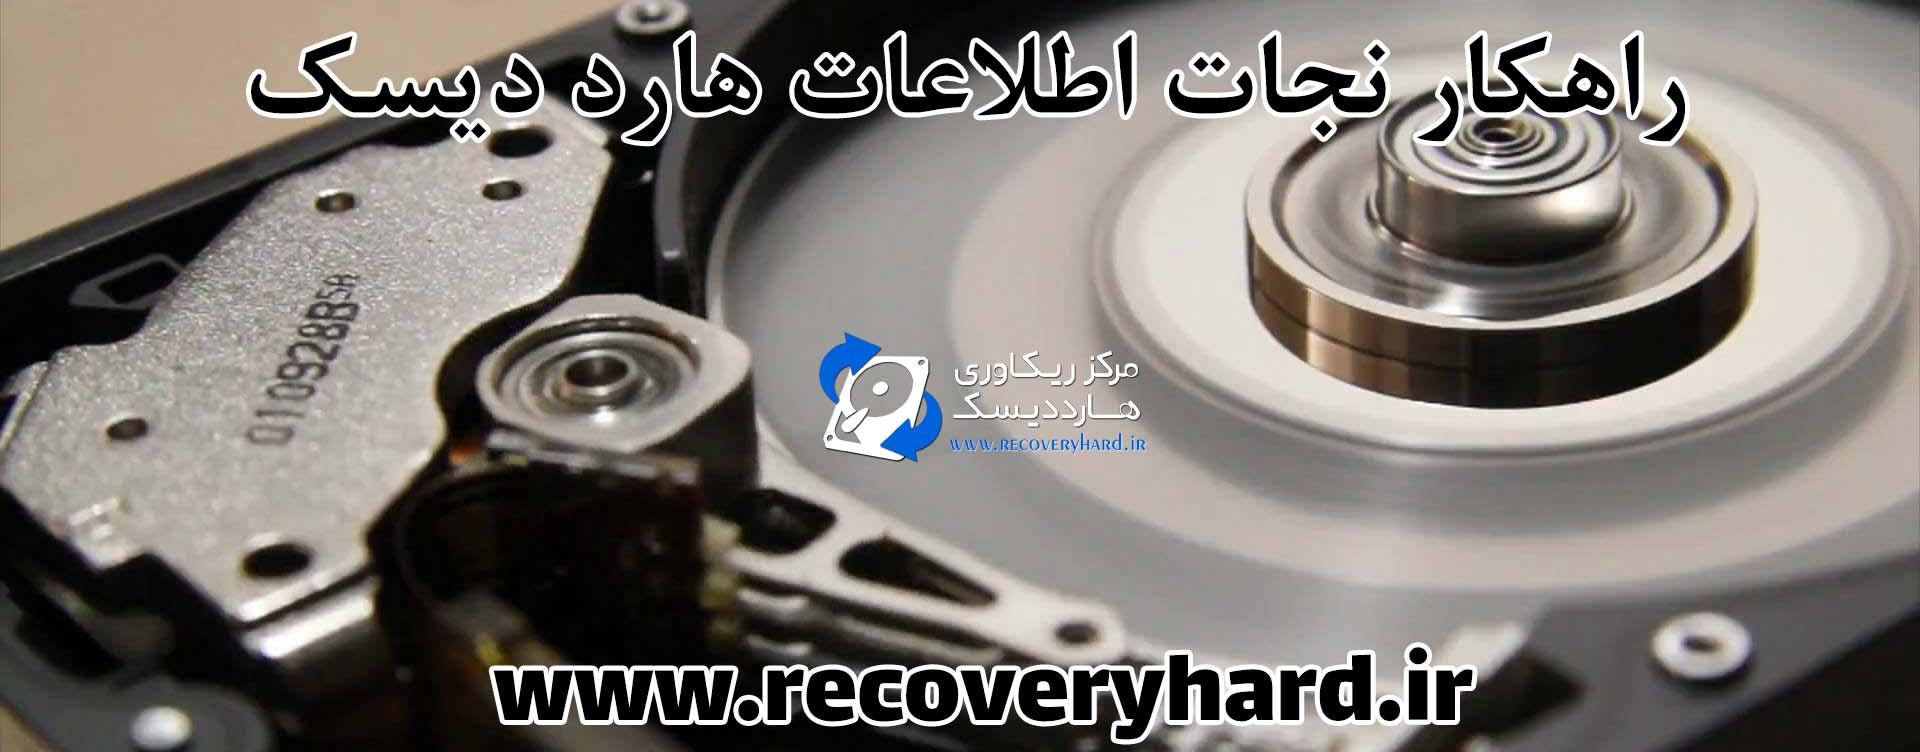 راهکار نجات اطلاعات هارد دیسک